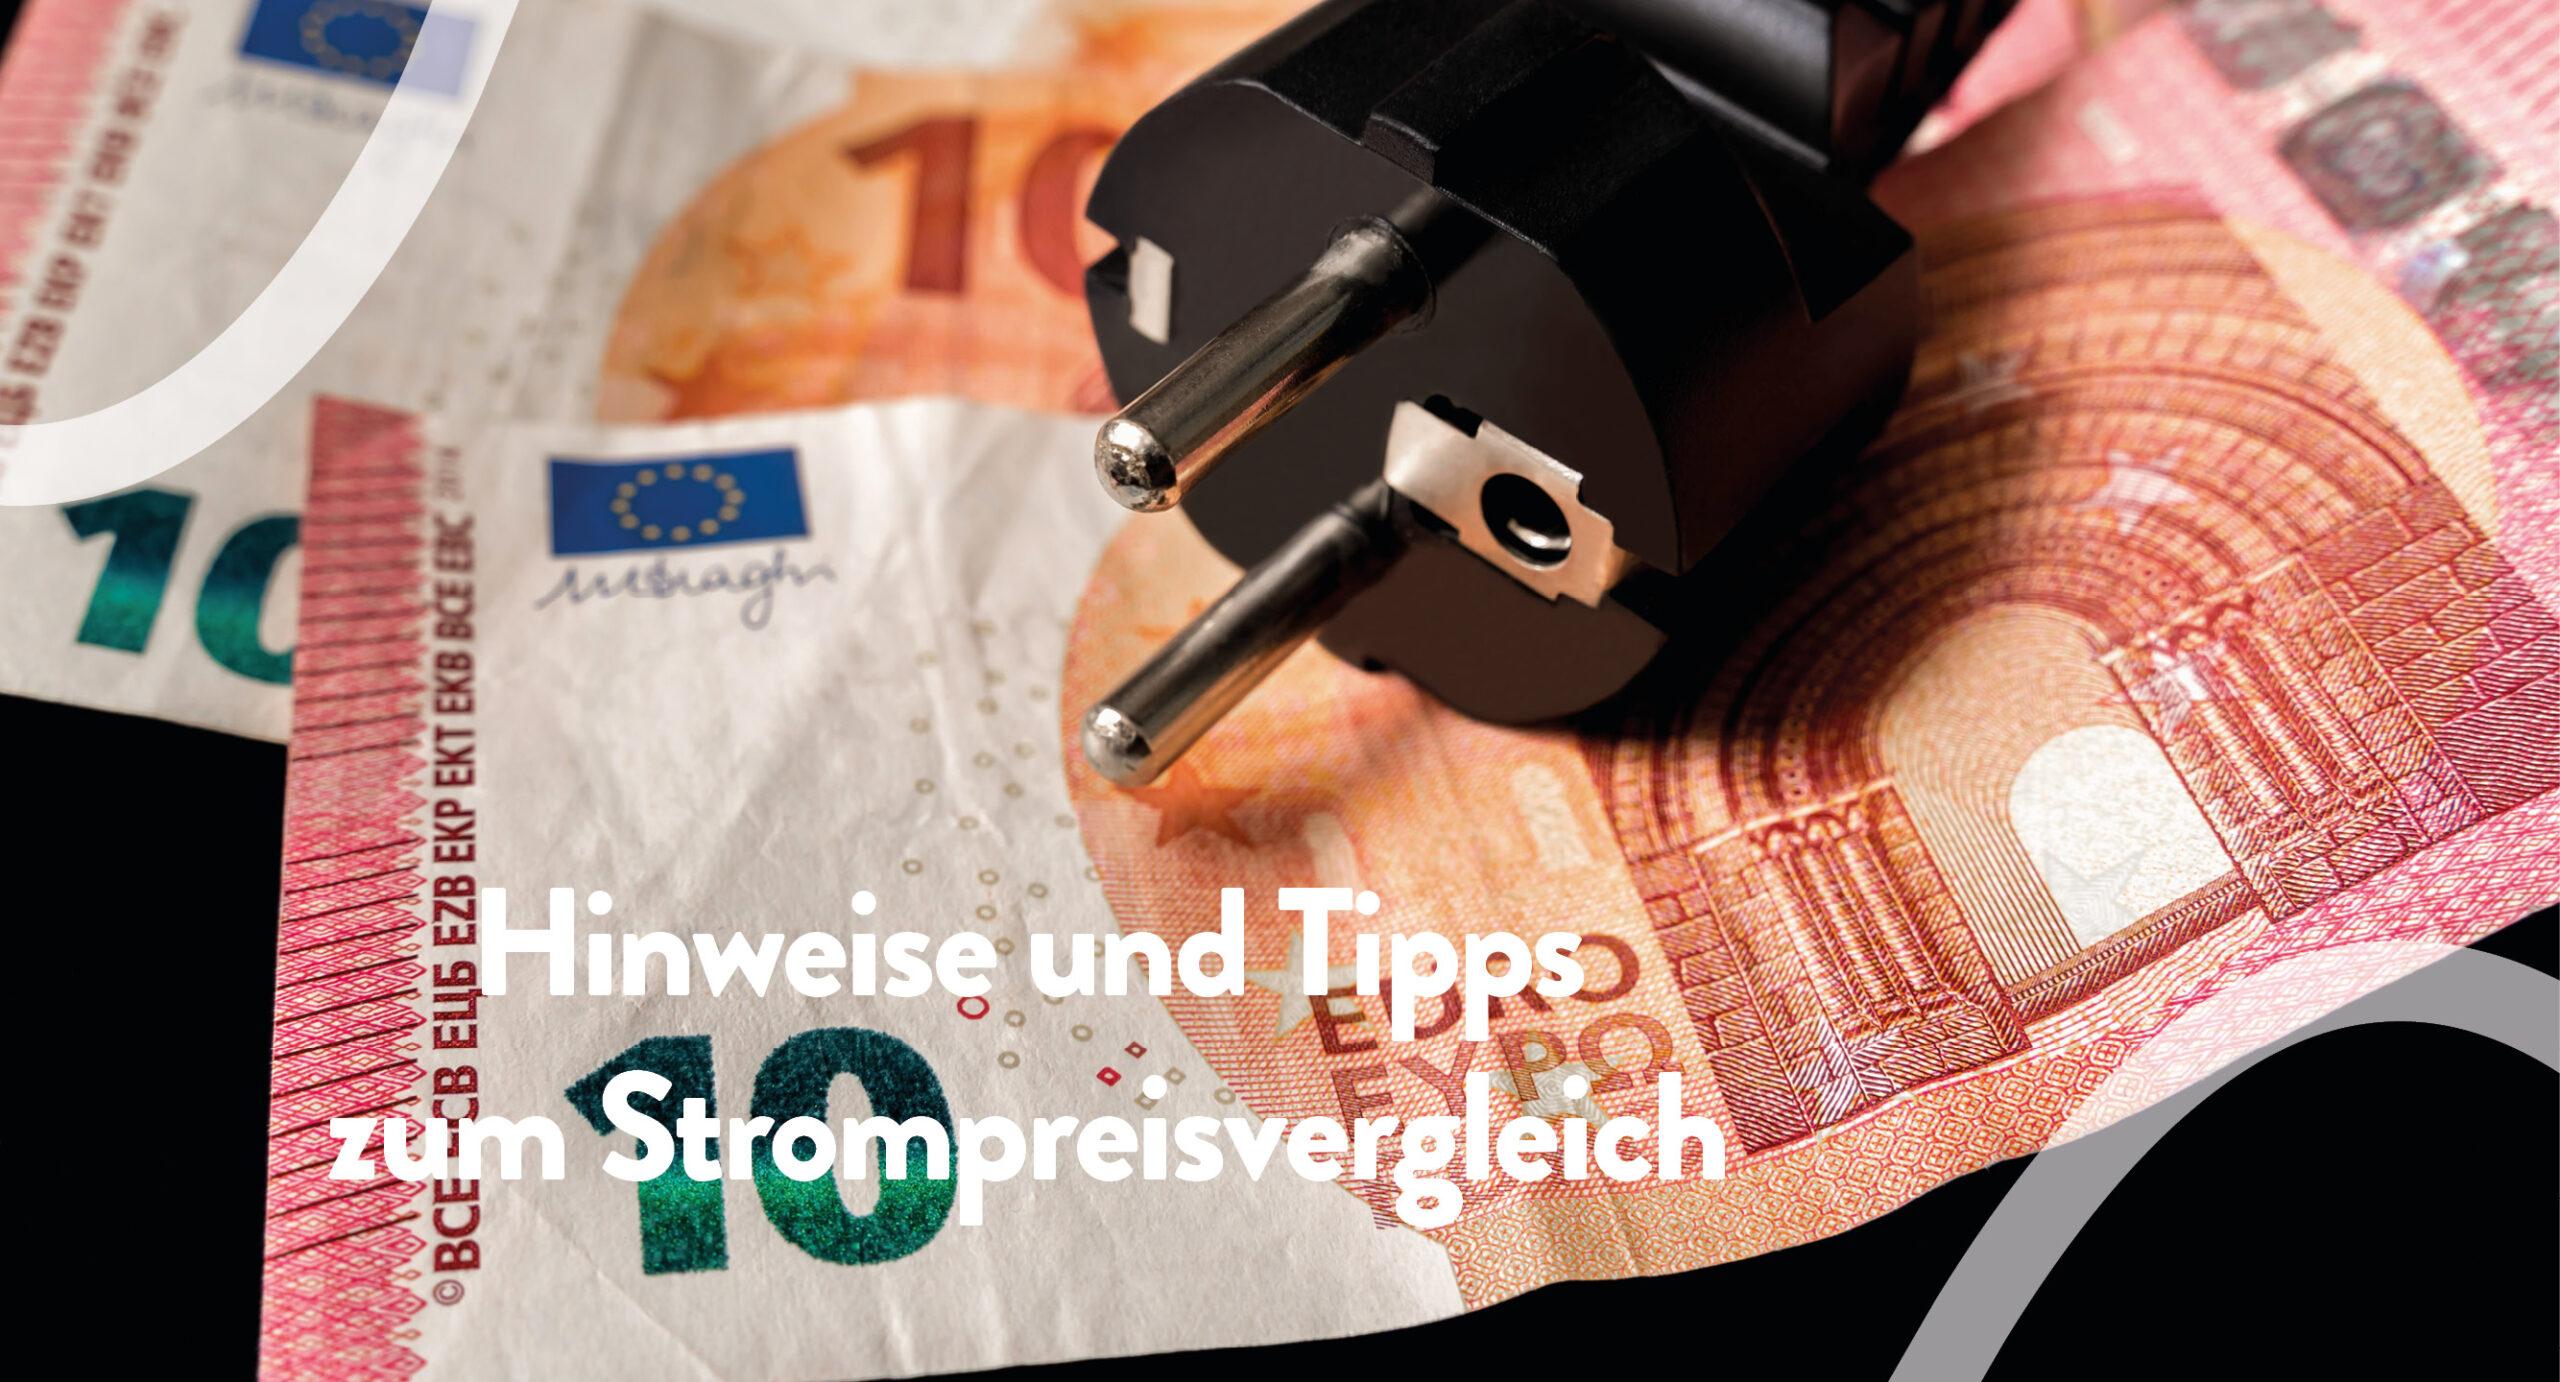 """Geldscheine und Stecker mit der Überschirft """"Hinweise und Tipps zum Strompreisvergleich"""""""